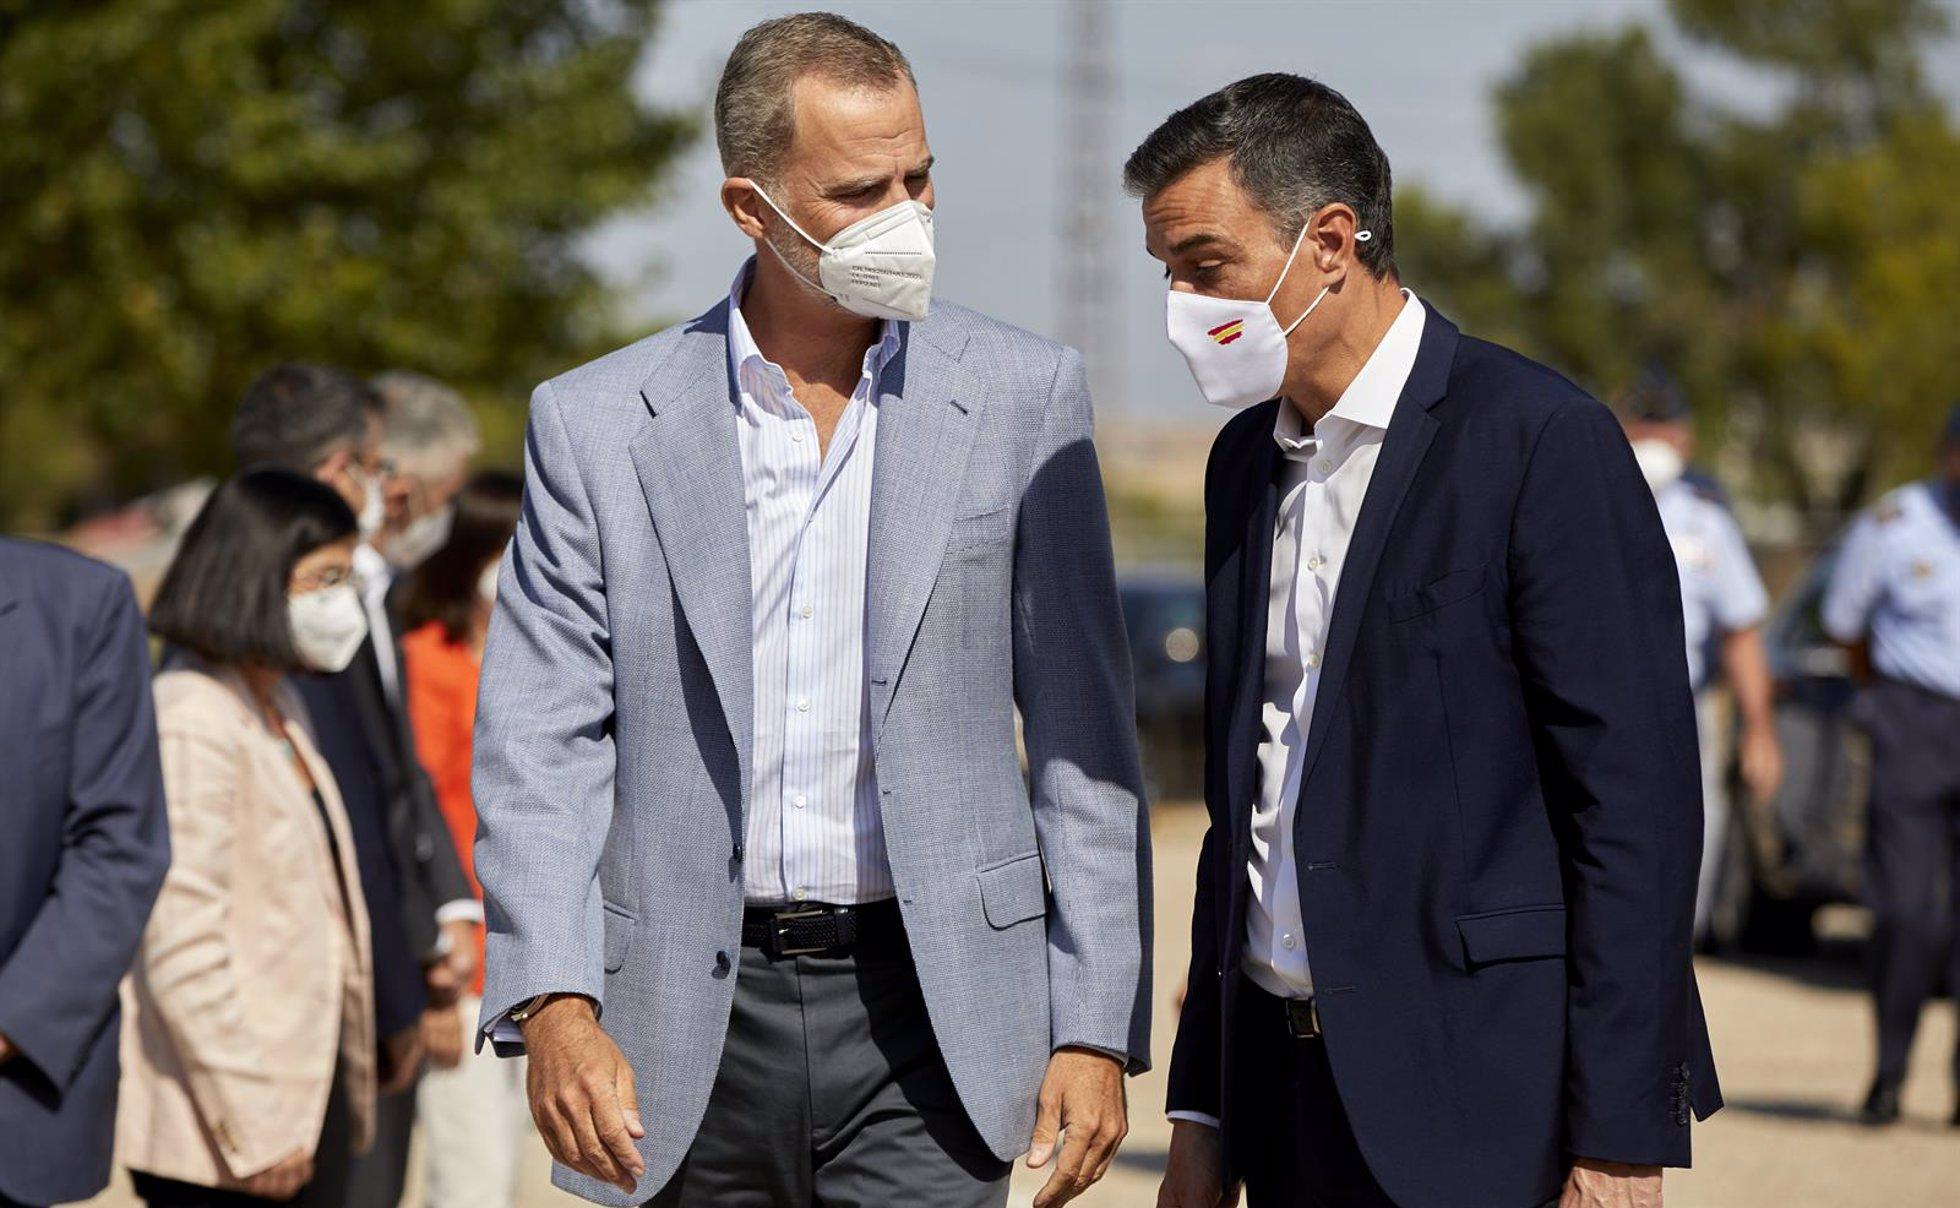 El Rey Felipe VI (i) y el presidente del Gobierno, Pedro Sánchez, conversan a su llegada al Pabellón de Cuadros de Mando de la Base Aérea de Torrejón donde han acudido para visitar el dispositivo provisional en Torrejón de Ardoz